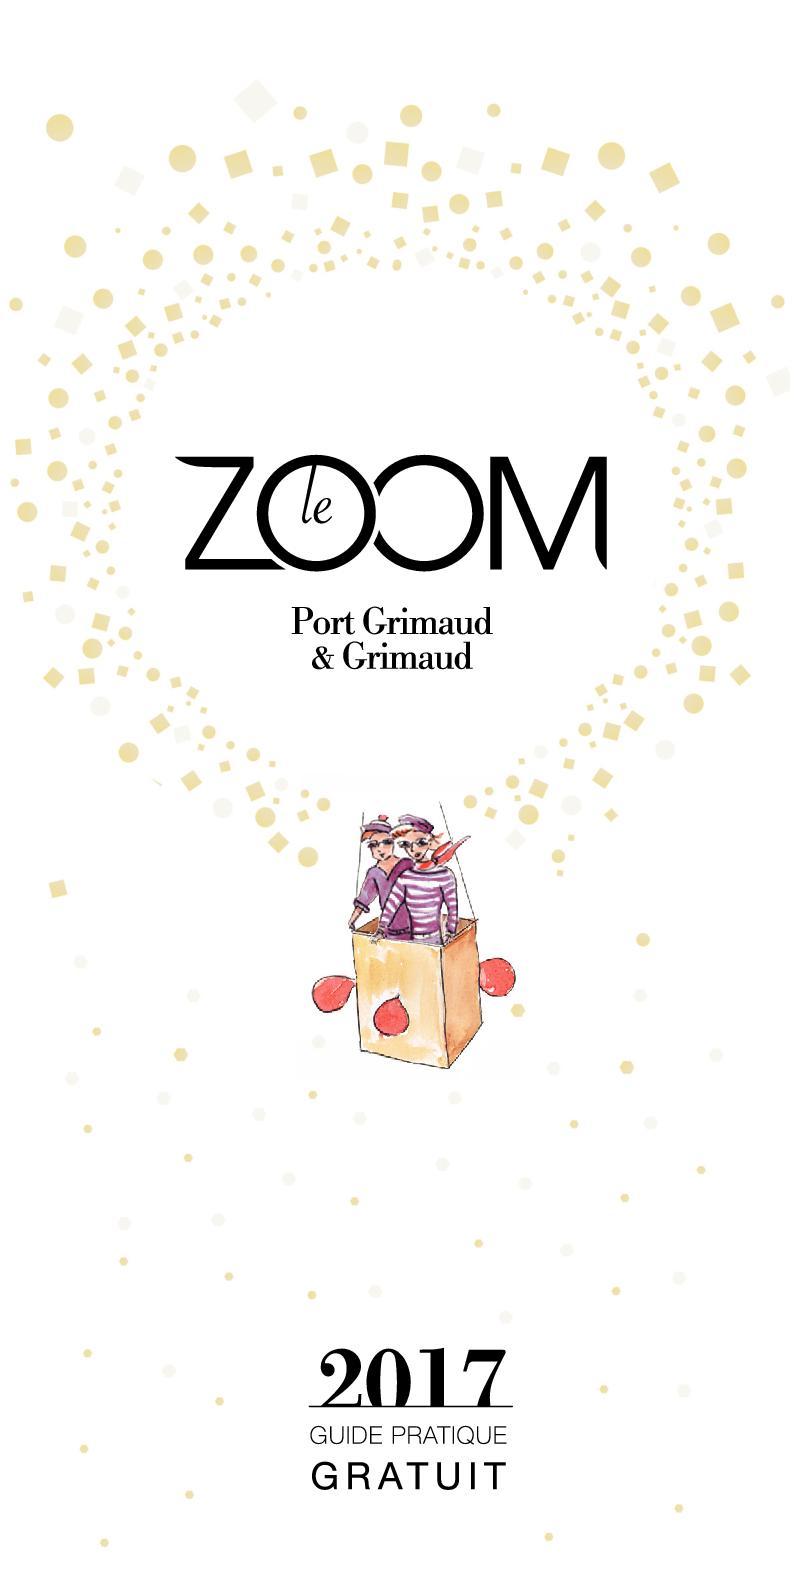 Calaméo - Zoom de Port Grimaud Grimaud 2017 c5539a06622